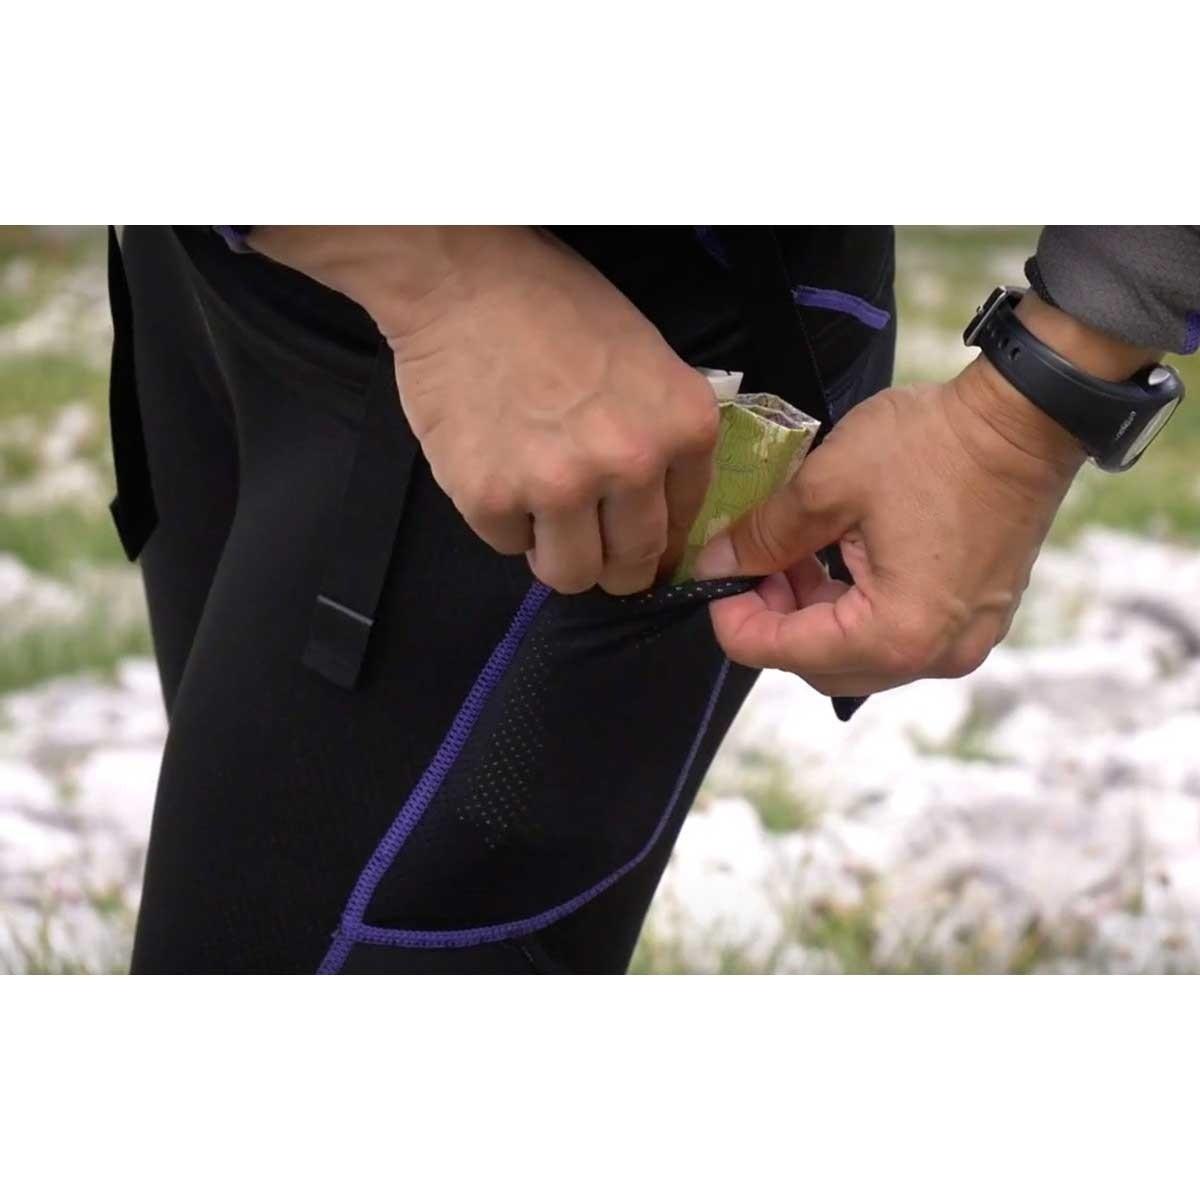 OMM Flash Winter Men's Running Tights - Pocket